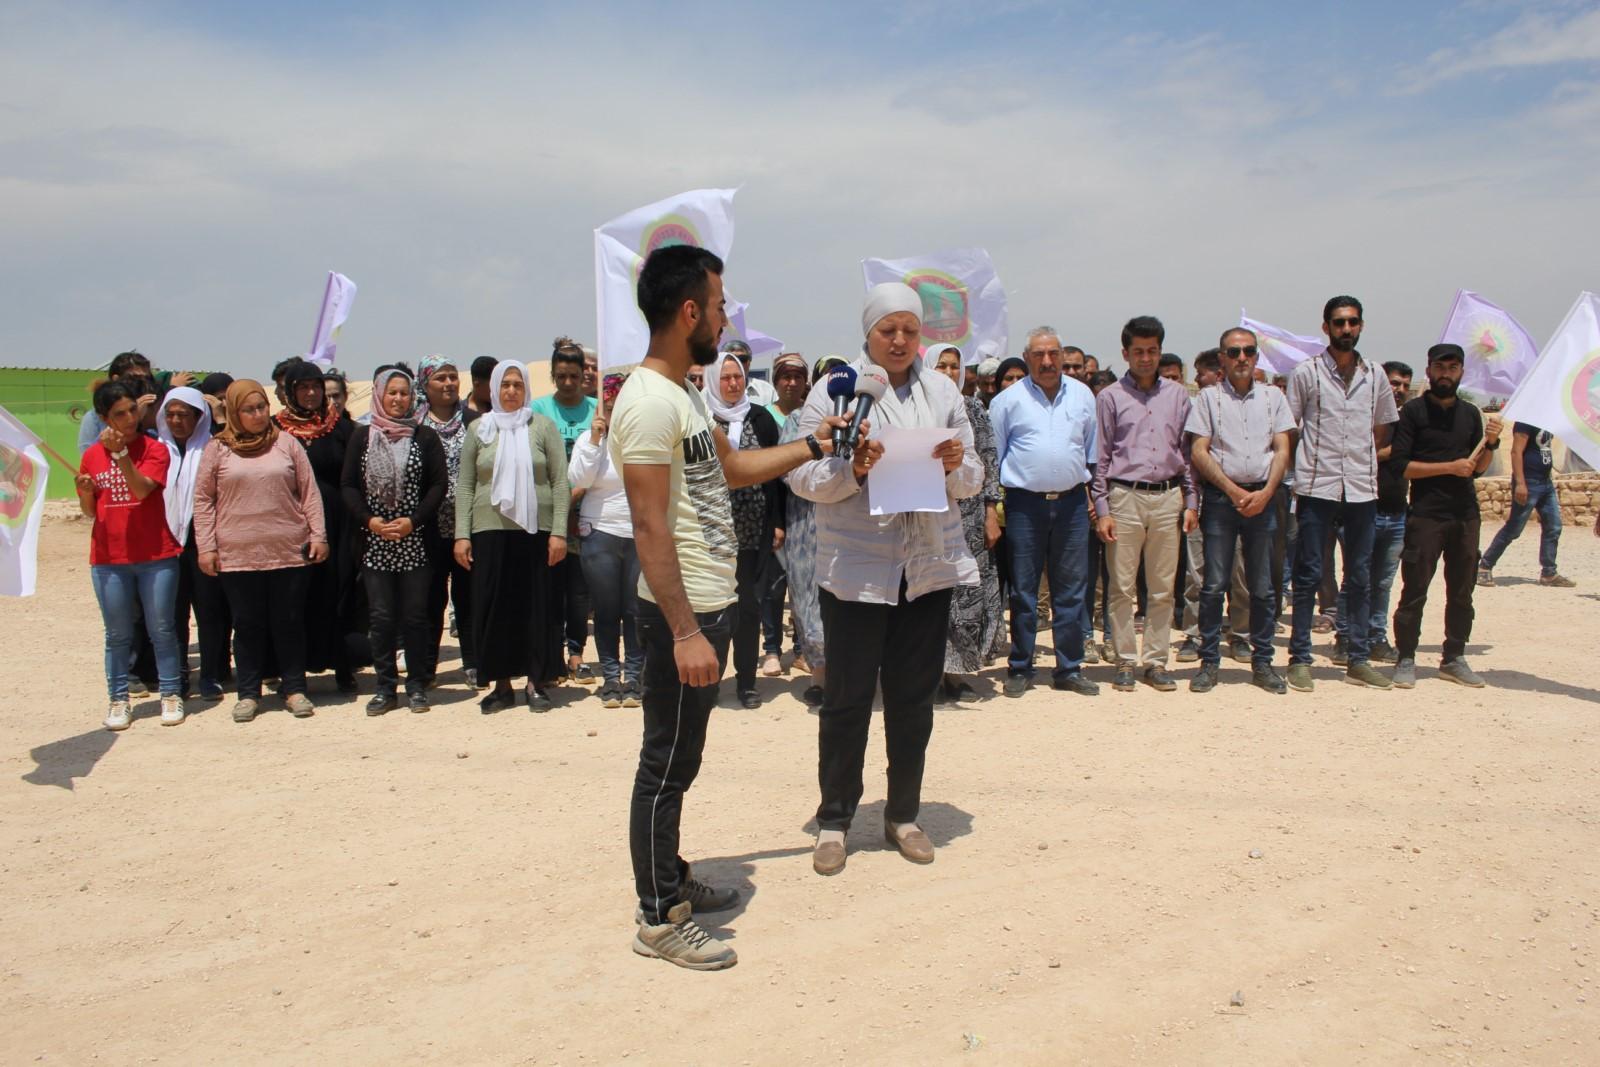 اتحاد الإيزيديين: على المجتمع الدولي الخروج عن صمته المُريب تجاه انتهاكات الاحتلال